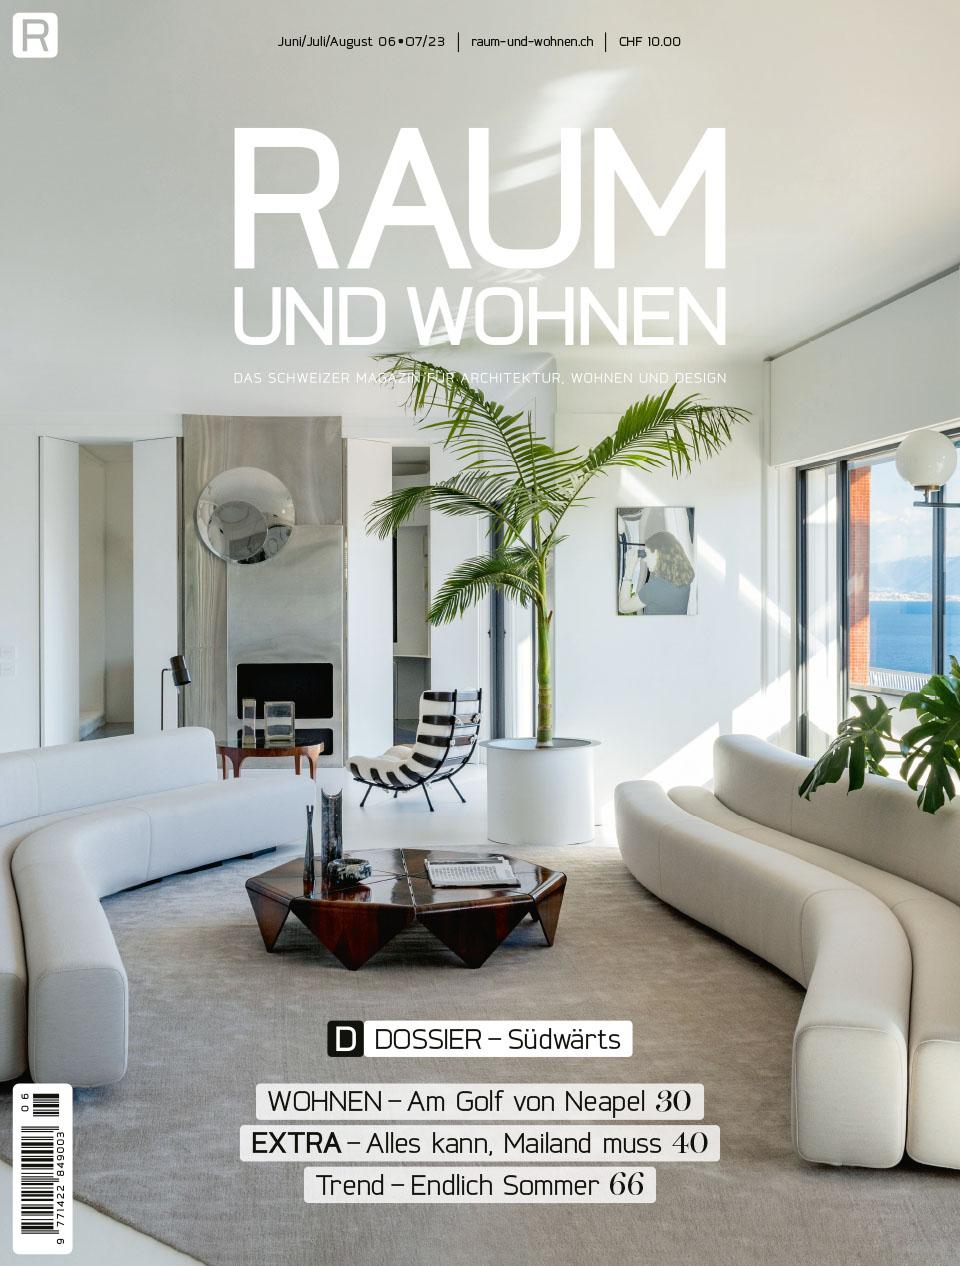 raum und wohnen wohnen architektur. Black Bedroom Furniture Sets. Home Design Ideas